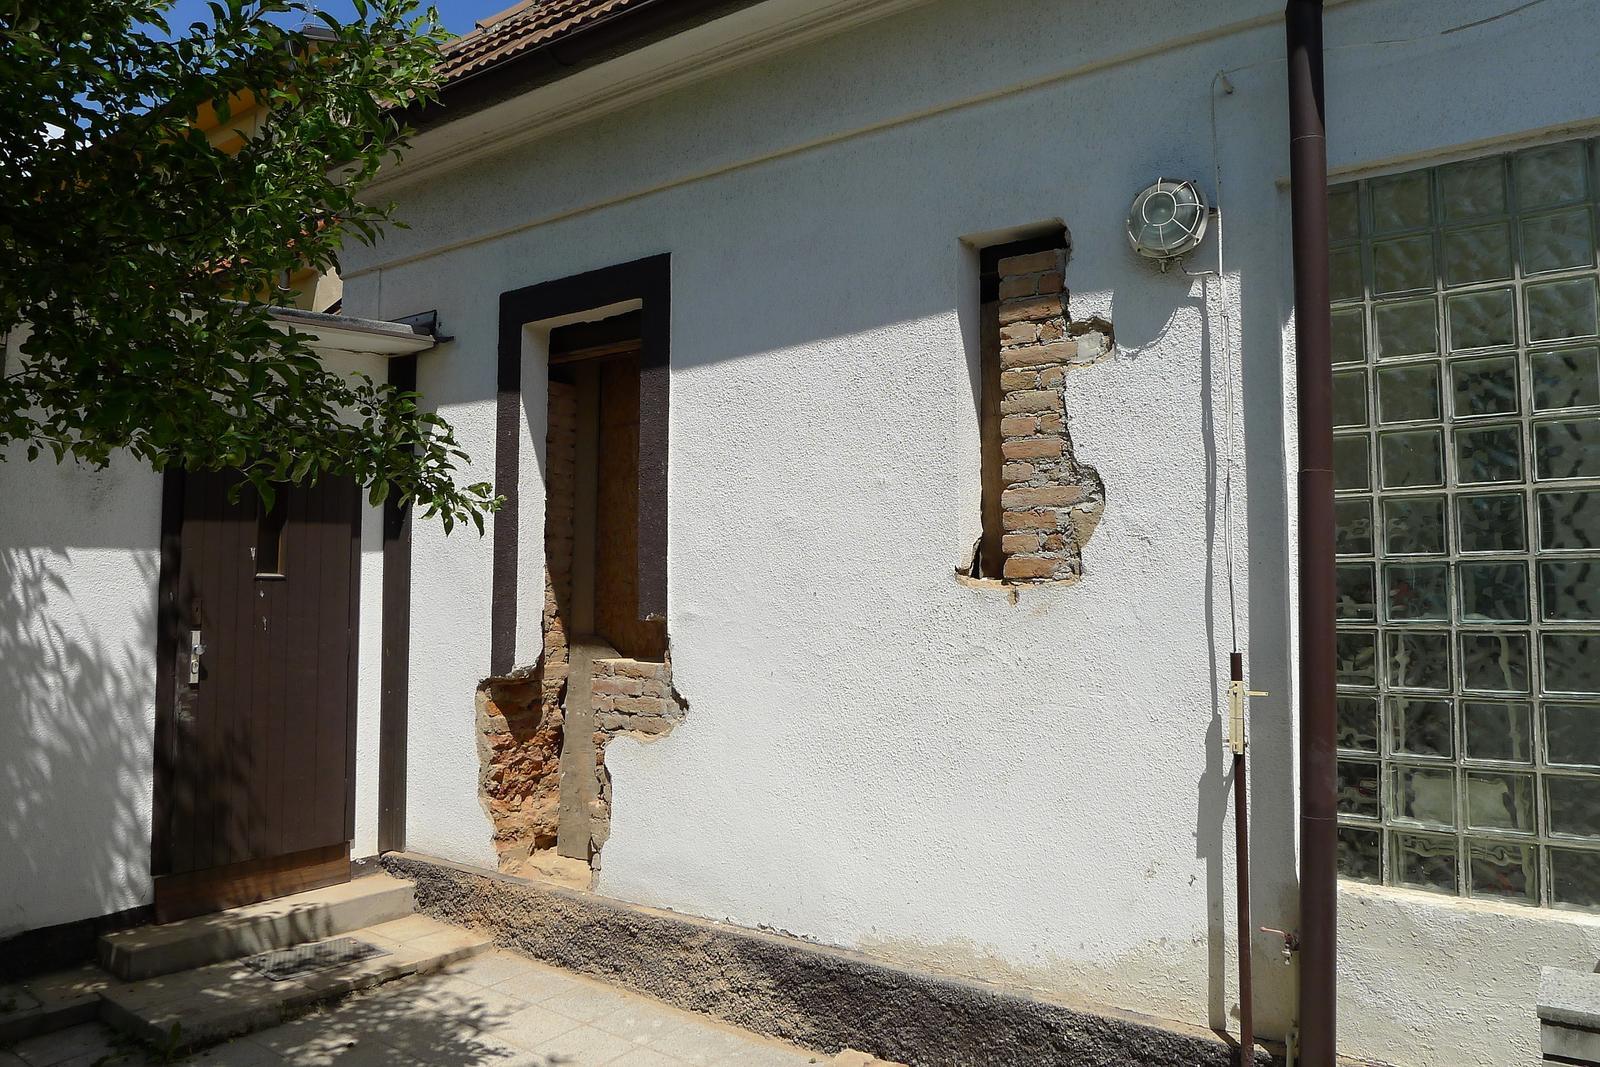 Rekonstrukce našeho domečku - dveře přijdou pryč a místo dvou malých okýnek bude velké okno a balkonové dveře...můj sen